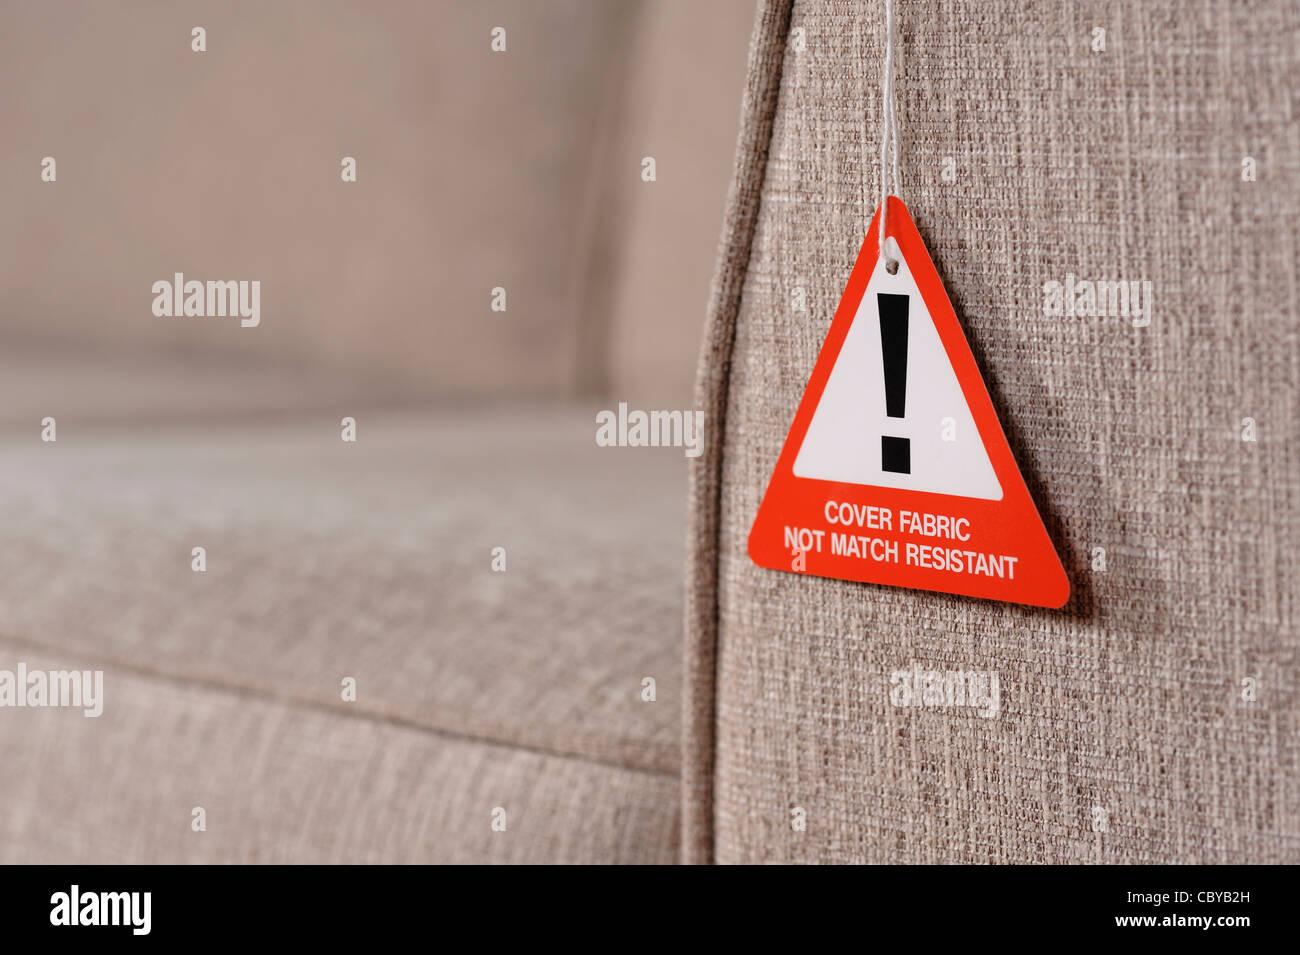 Divano per la sicurezza antincendio etichetta di avvertimento Immagini Stock